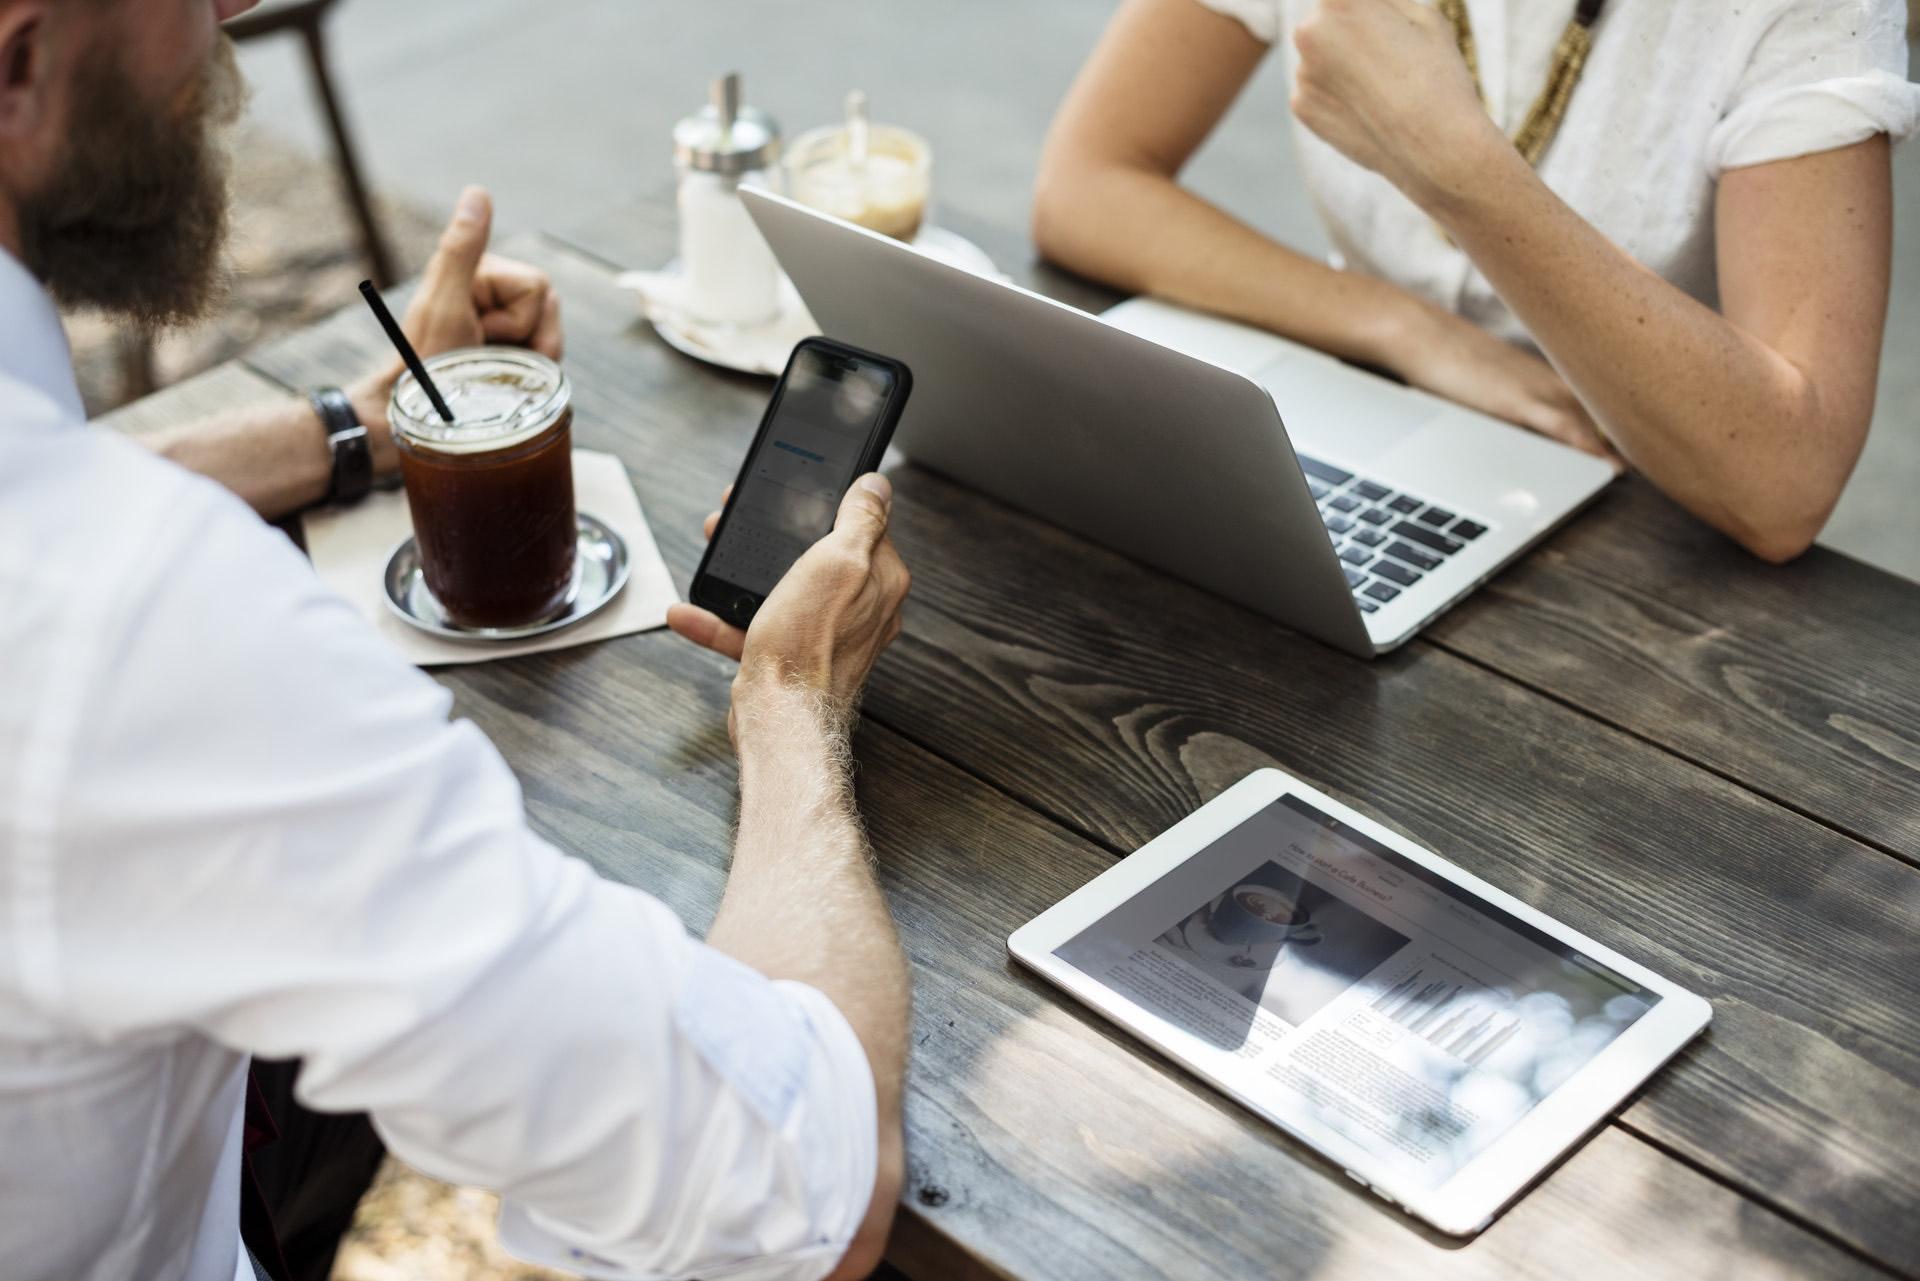 הלוואות Online עם פתרון ב-100%